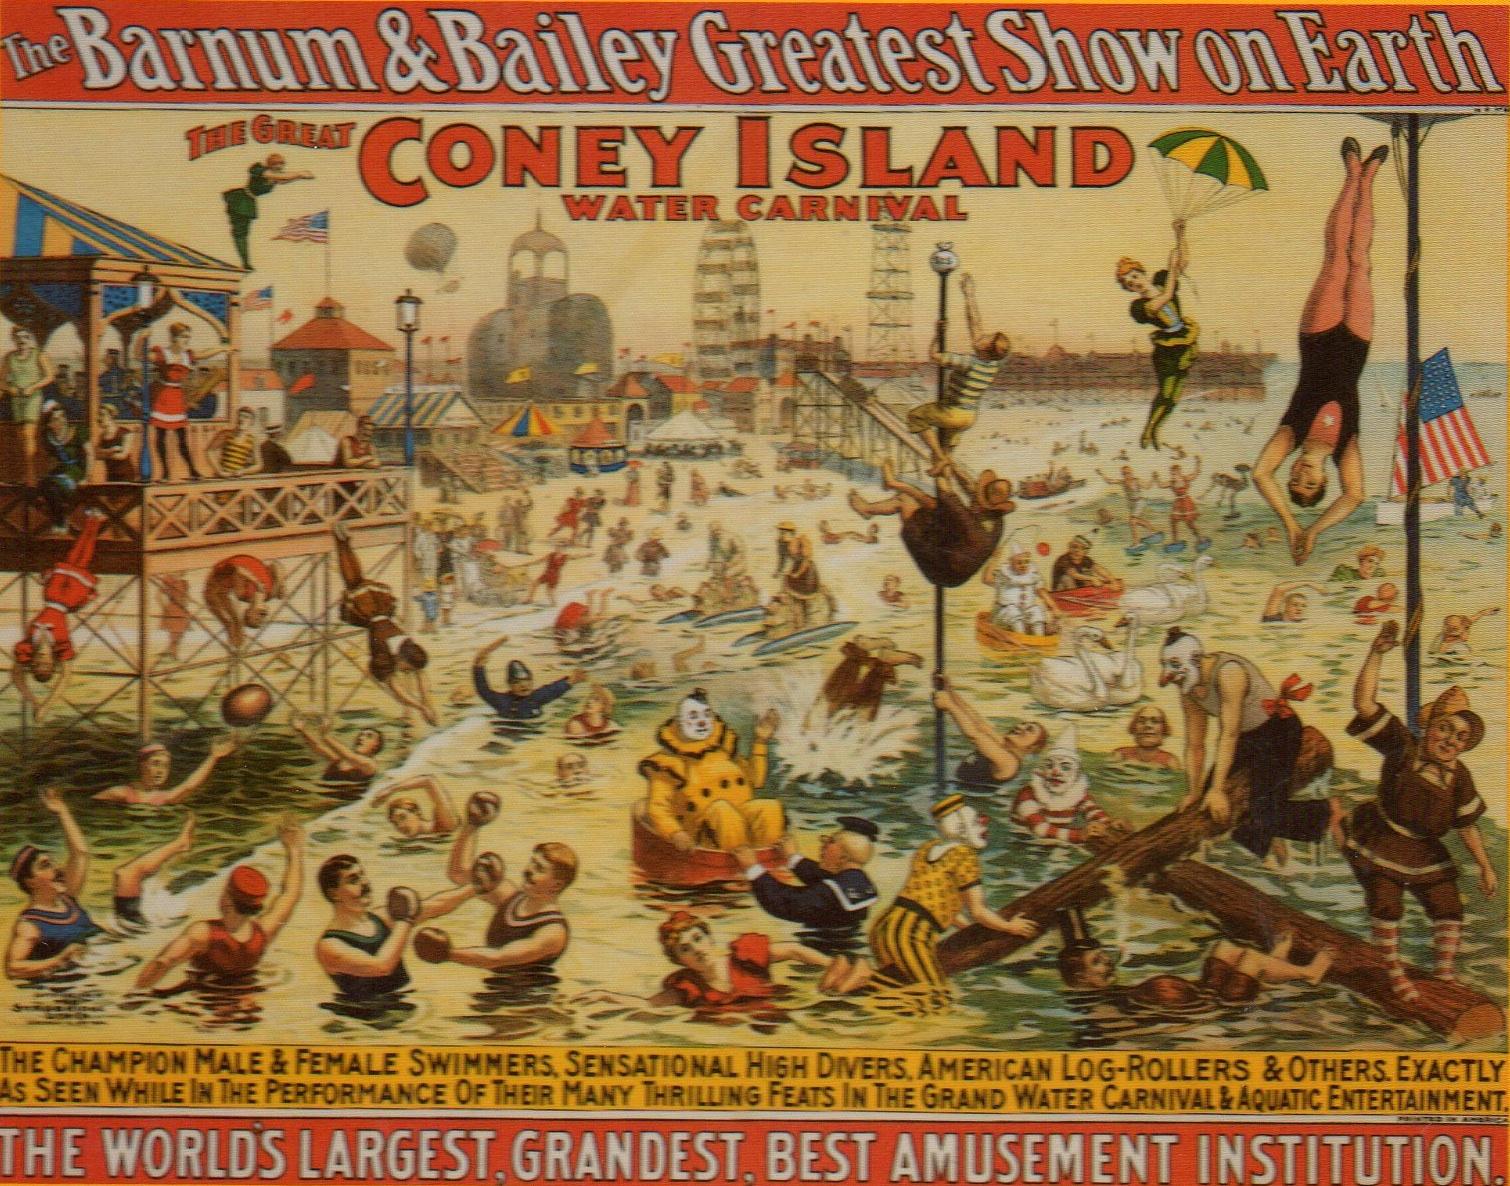 Coneyislandwatercarnival